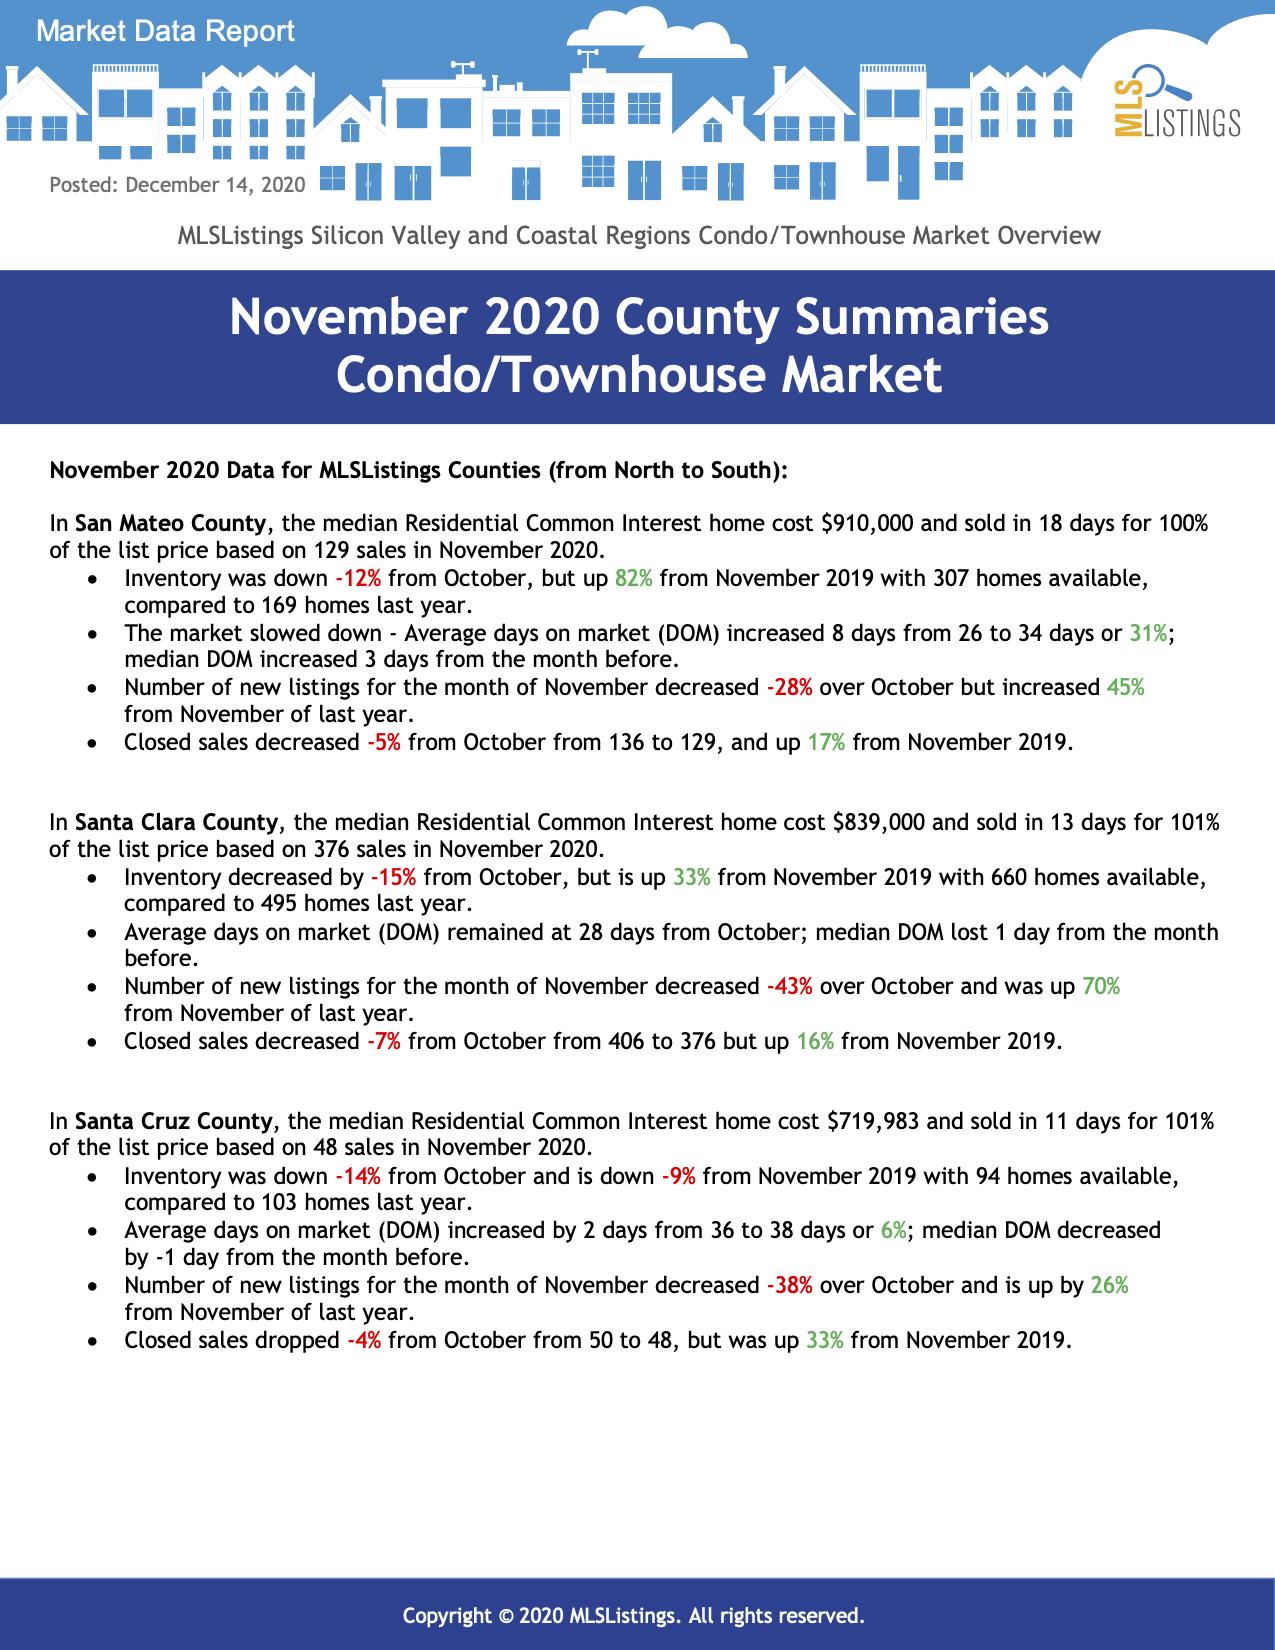 3 MarketDataReport_Nov2020_121420